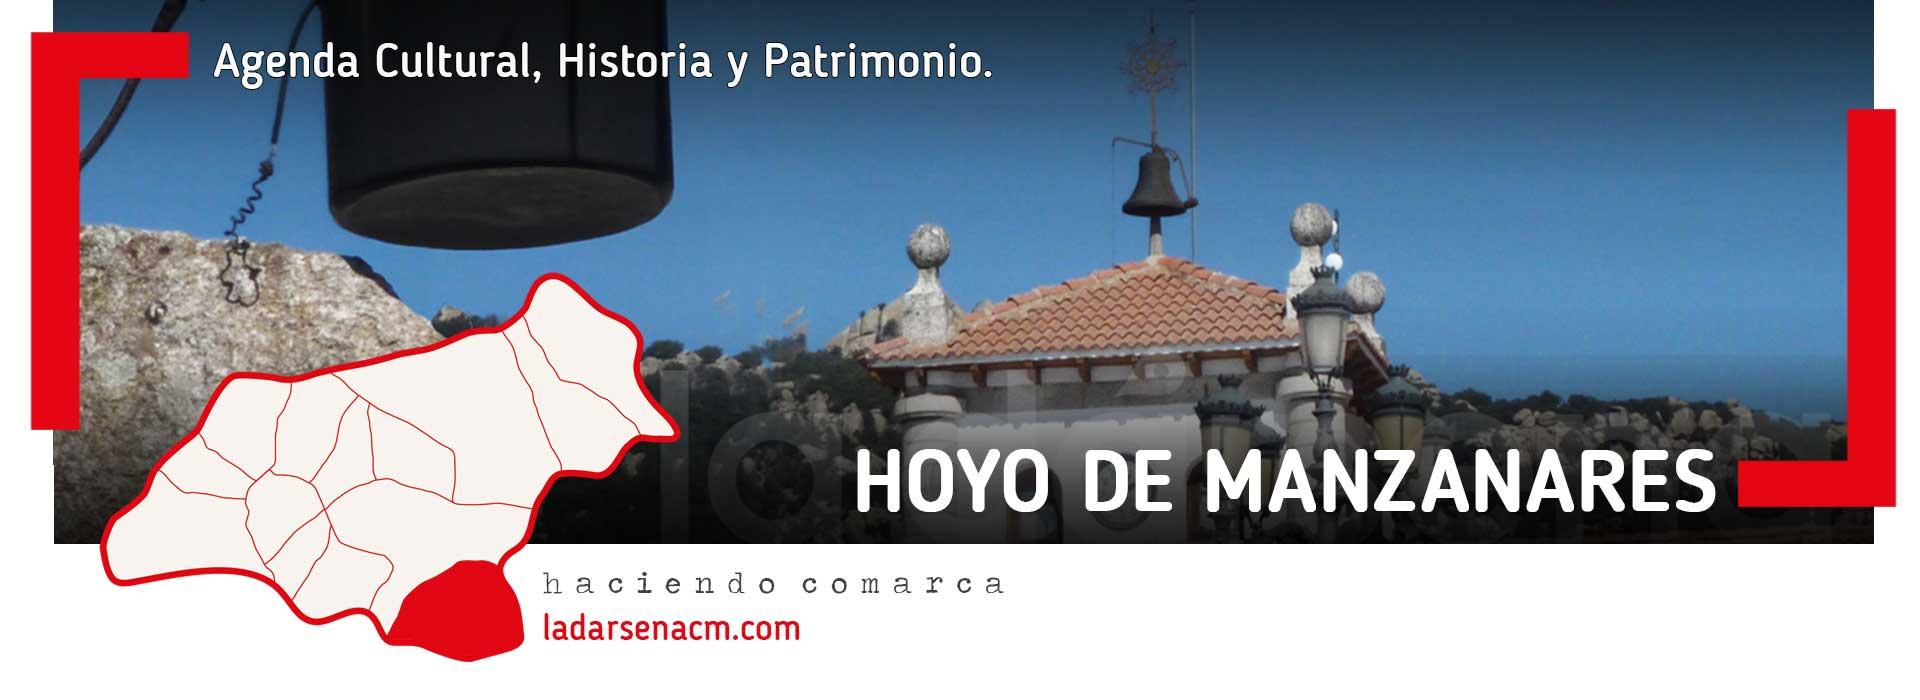 Hoyo De Manzanares Agenda Cultural Historia Y Patrimonio